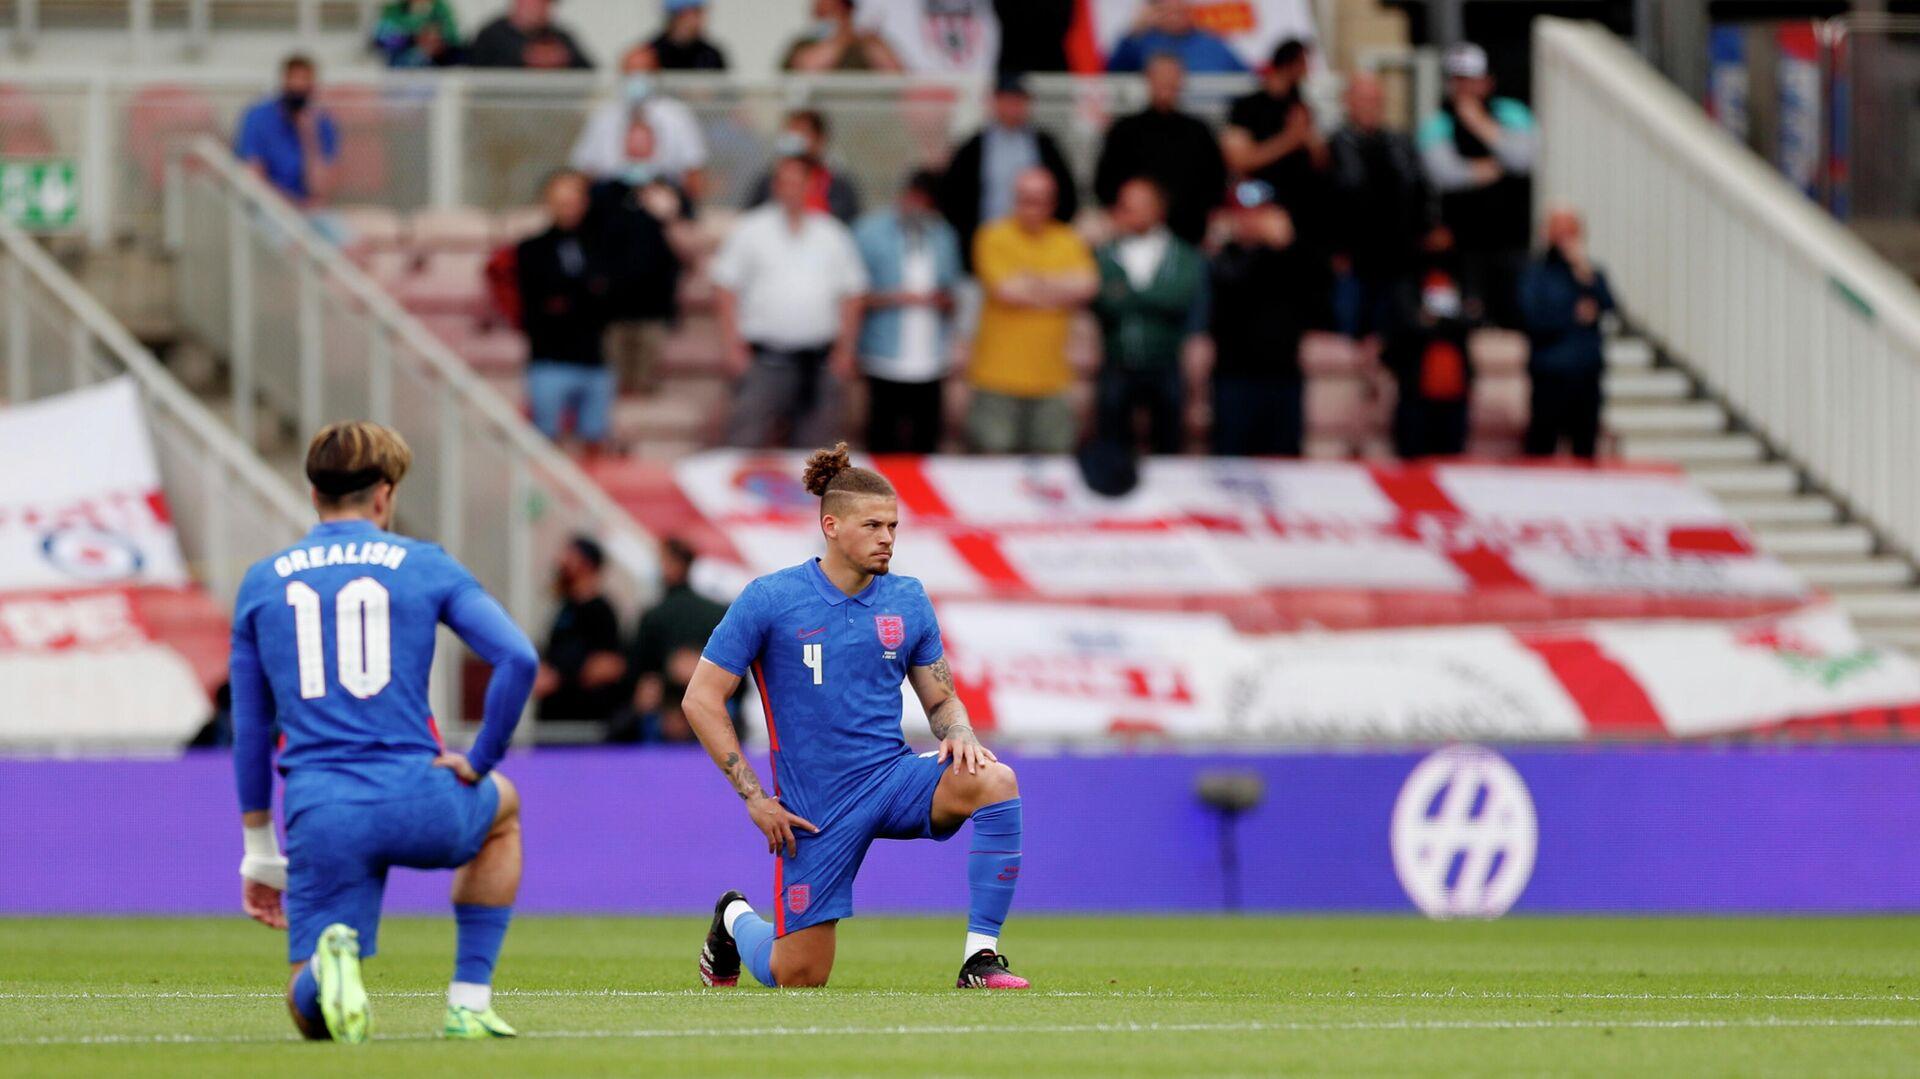 BLM-Kniefall englischer Kicker vor dem Spiel gegen die rumänische Auswahl. Middlesbrough, Großbritannien, 6 Juni 2021 - SNA, 1920, 10.06.2021